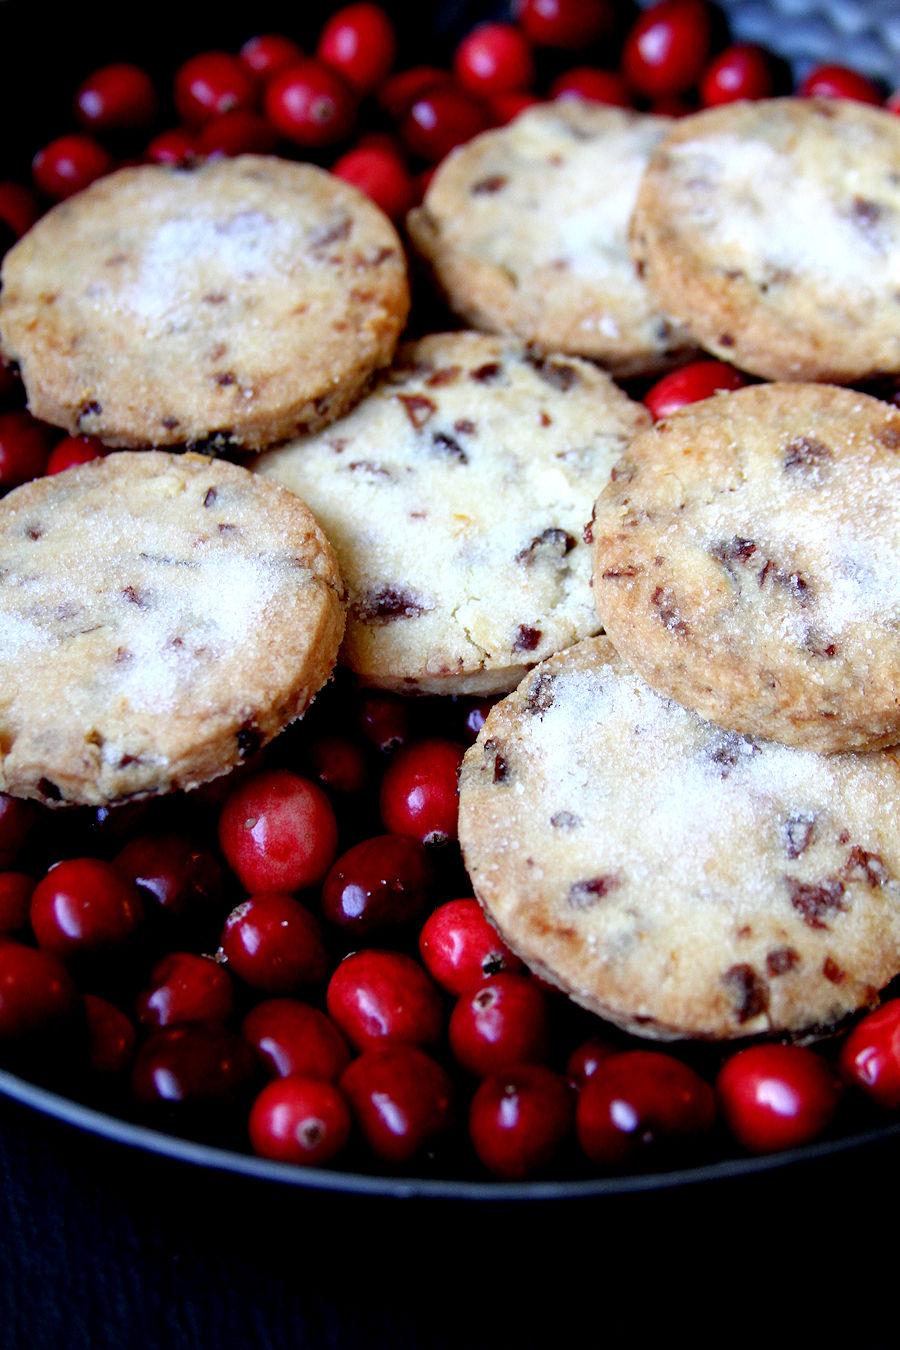 cranberryorangeshortbread-medium5